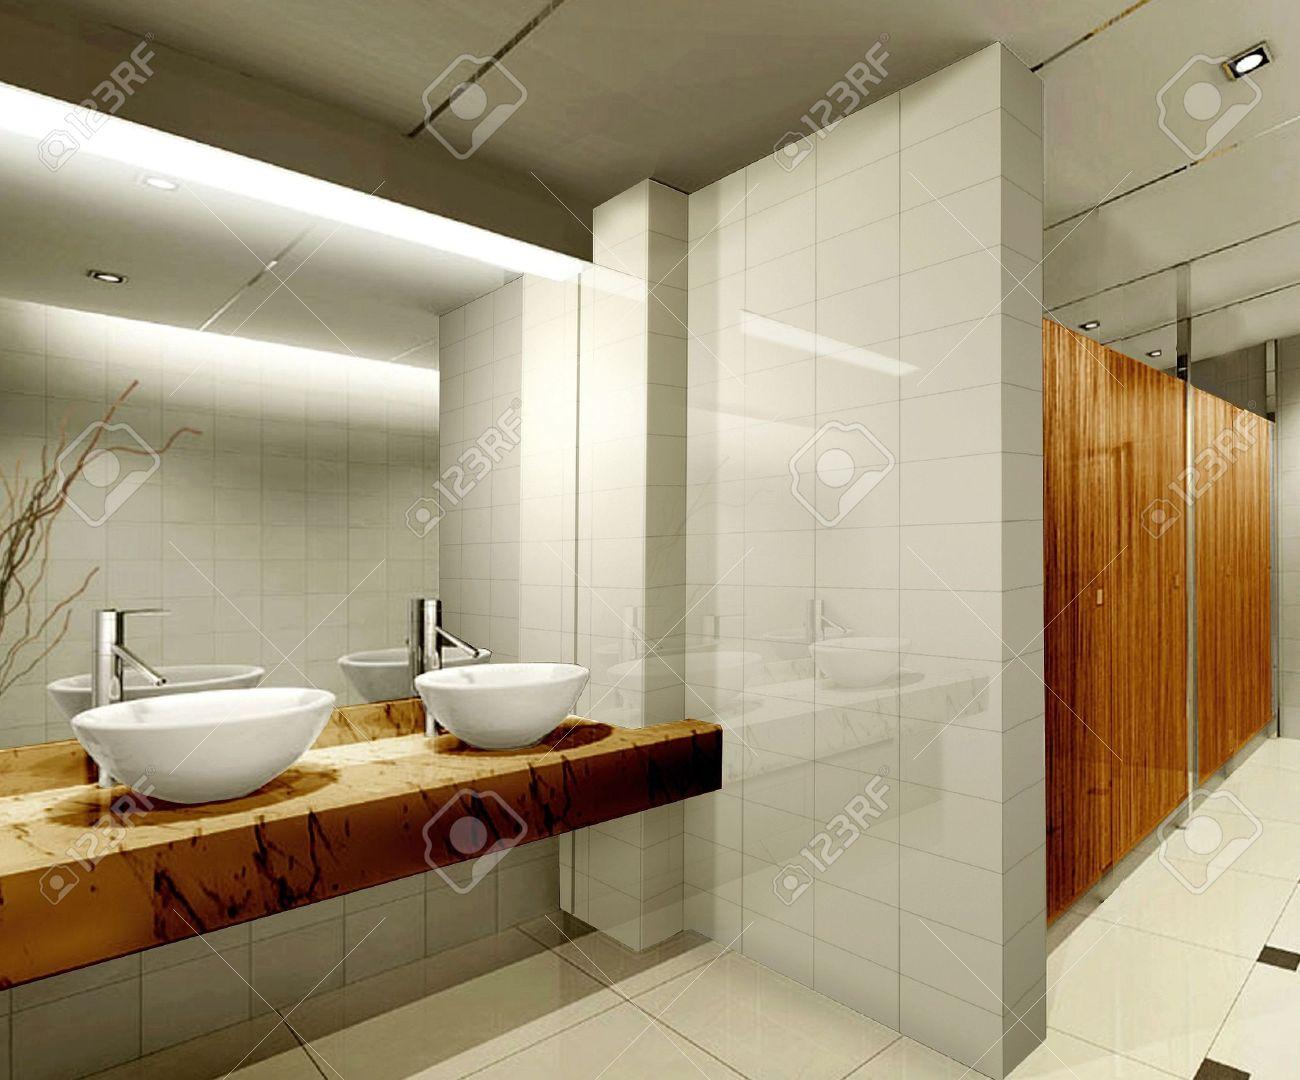 modernes design-innenraum der stilvolles badezimmer. 3d render, Badezimmer ideen